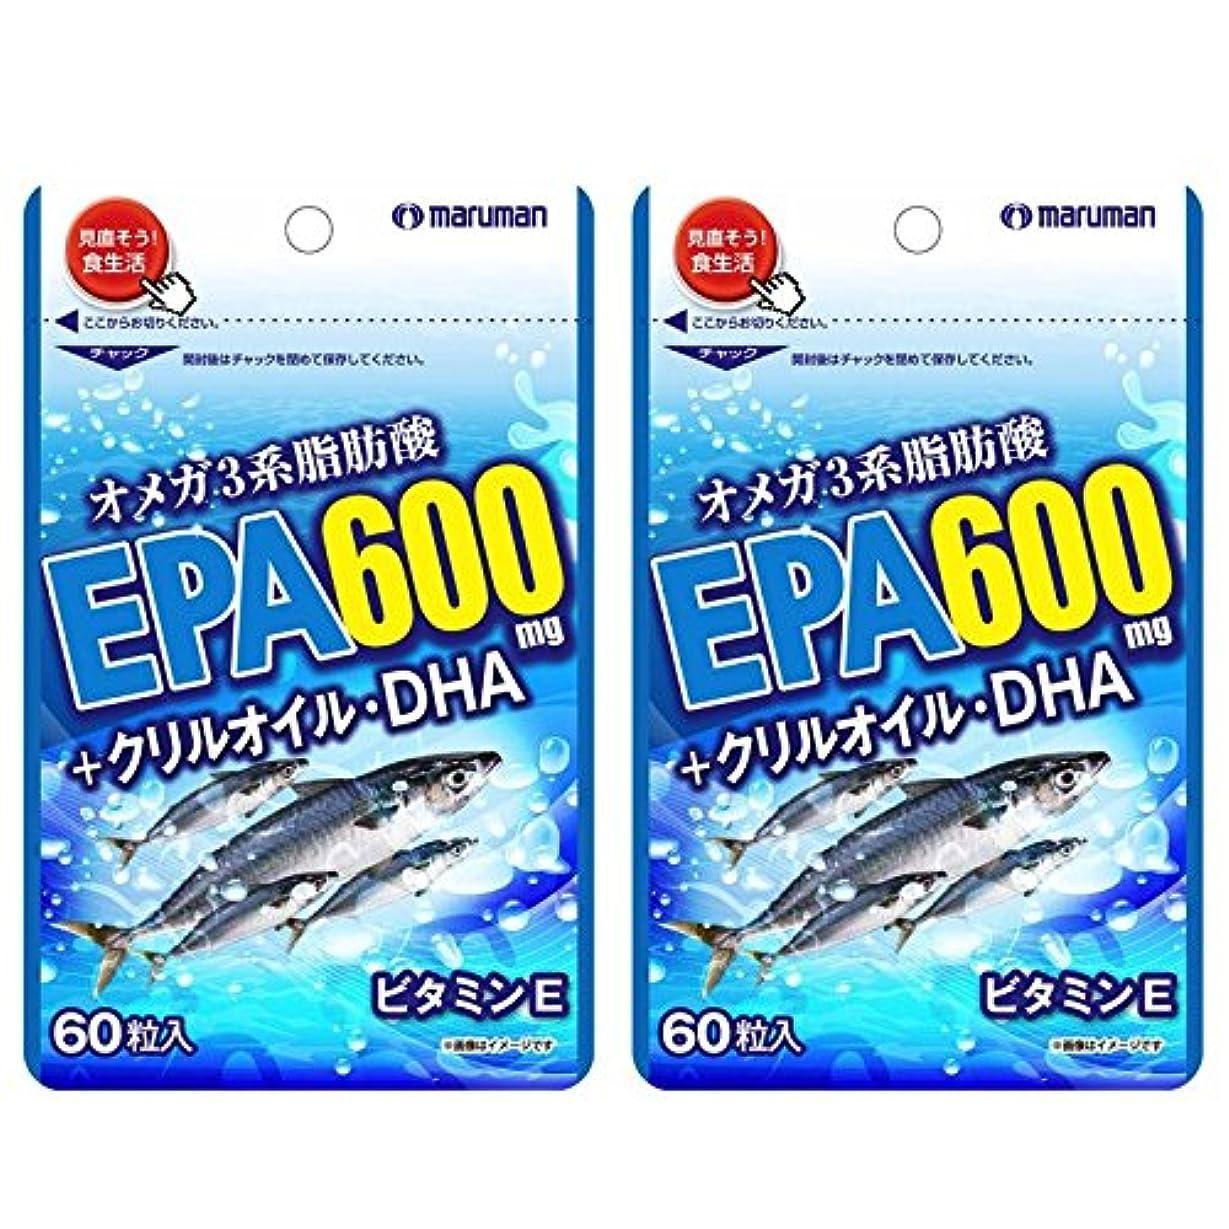 賢い玉致命的マルマン オメガ3系脂肪酸 EPA600 60粒 2個セット